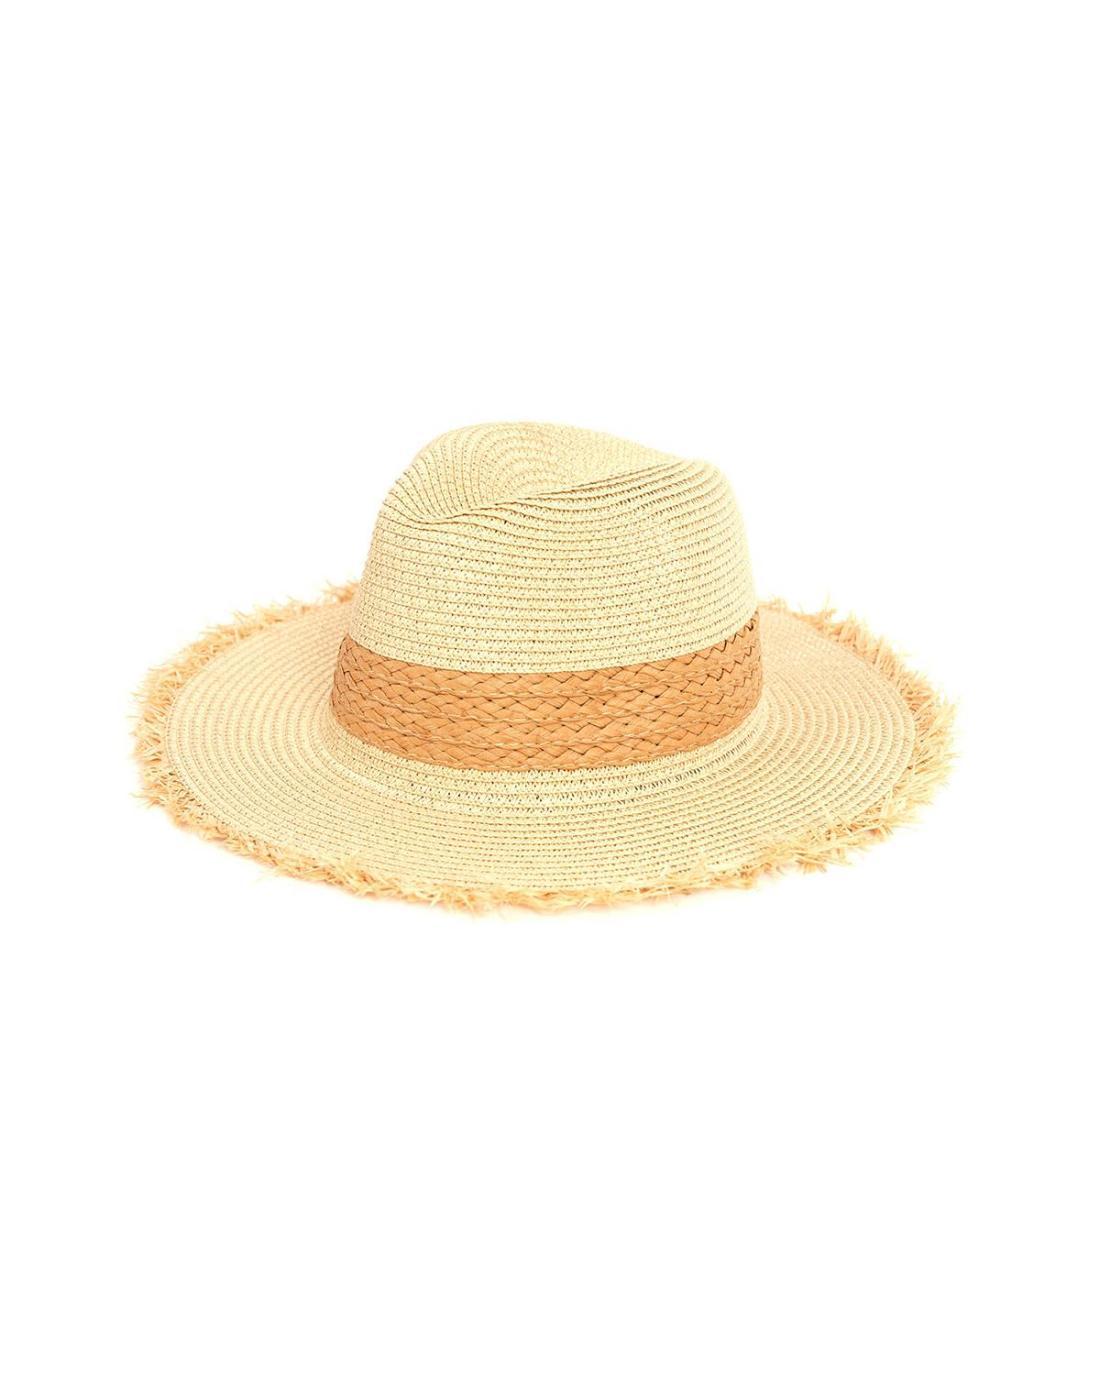 Ecru hat